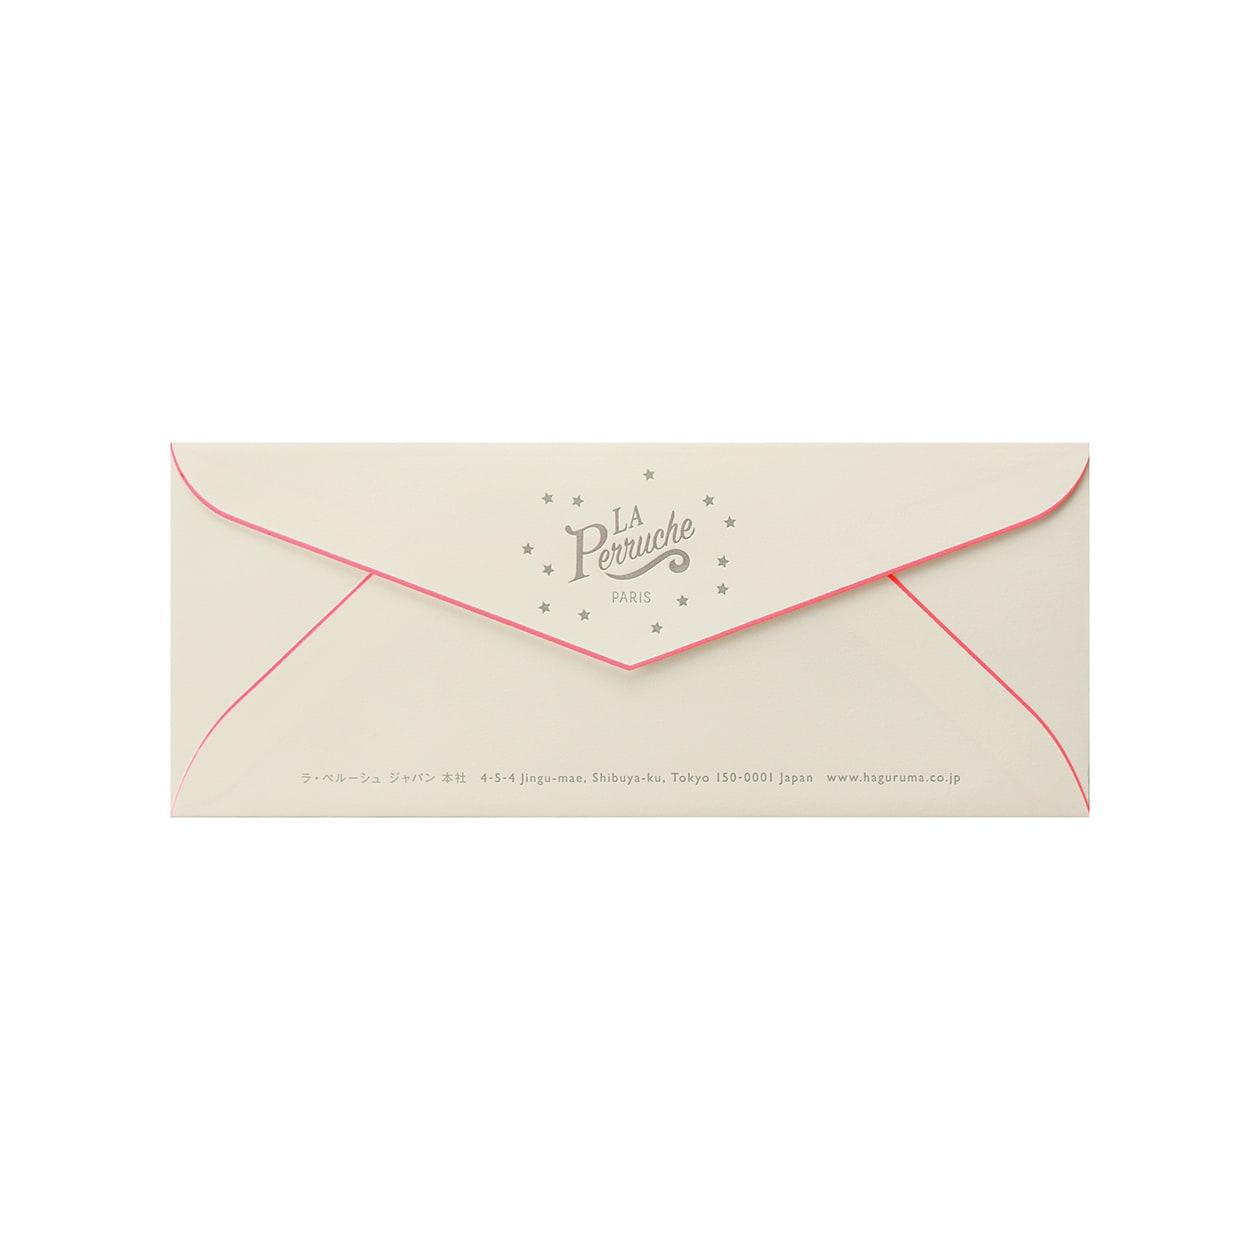 サンプル 封筒・袋 00026